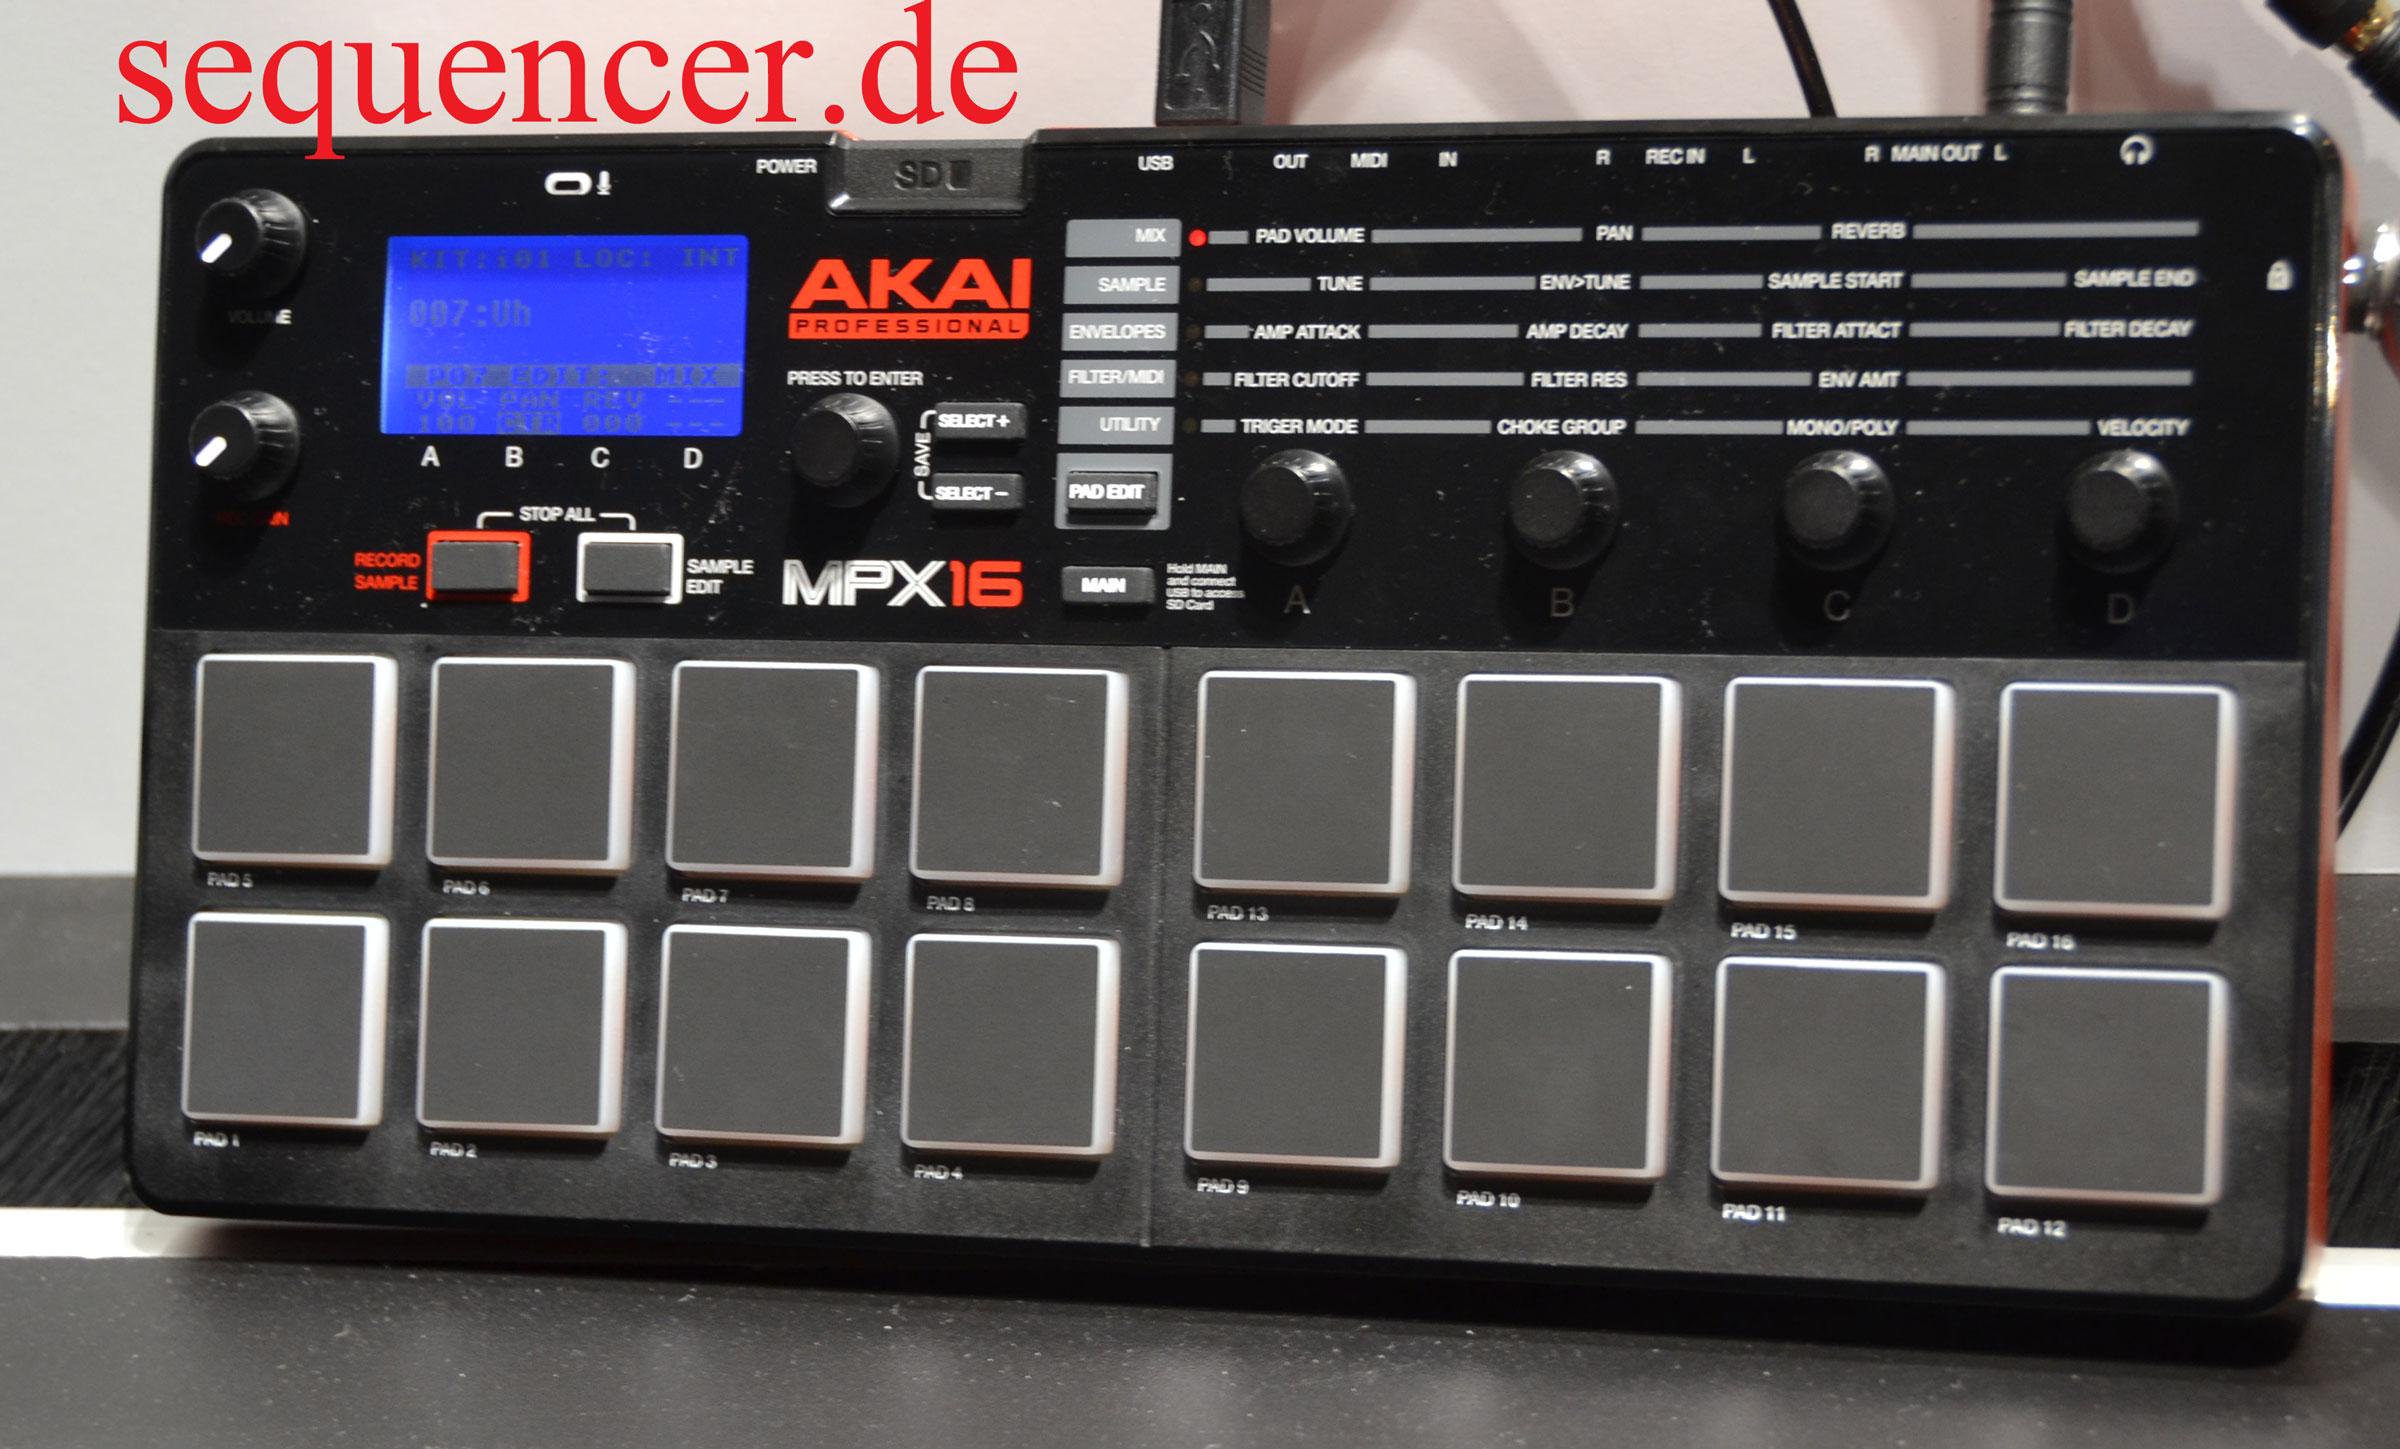 Akai MPX16 synthesizer